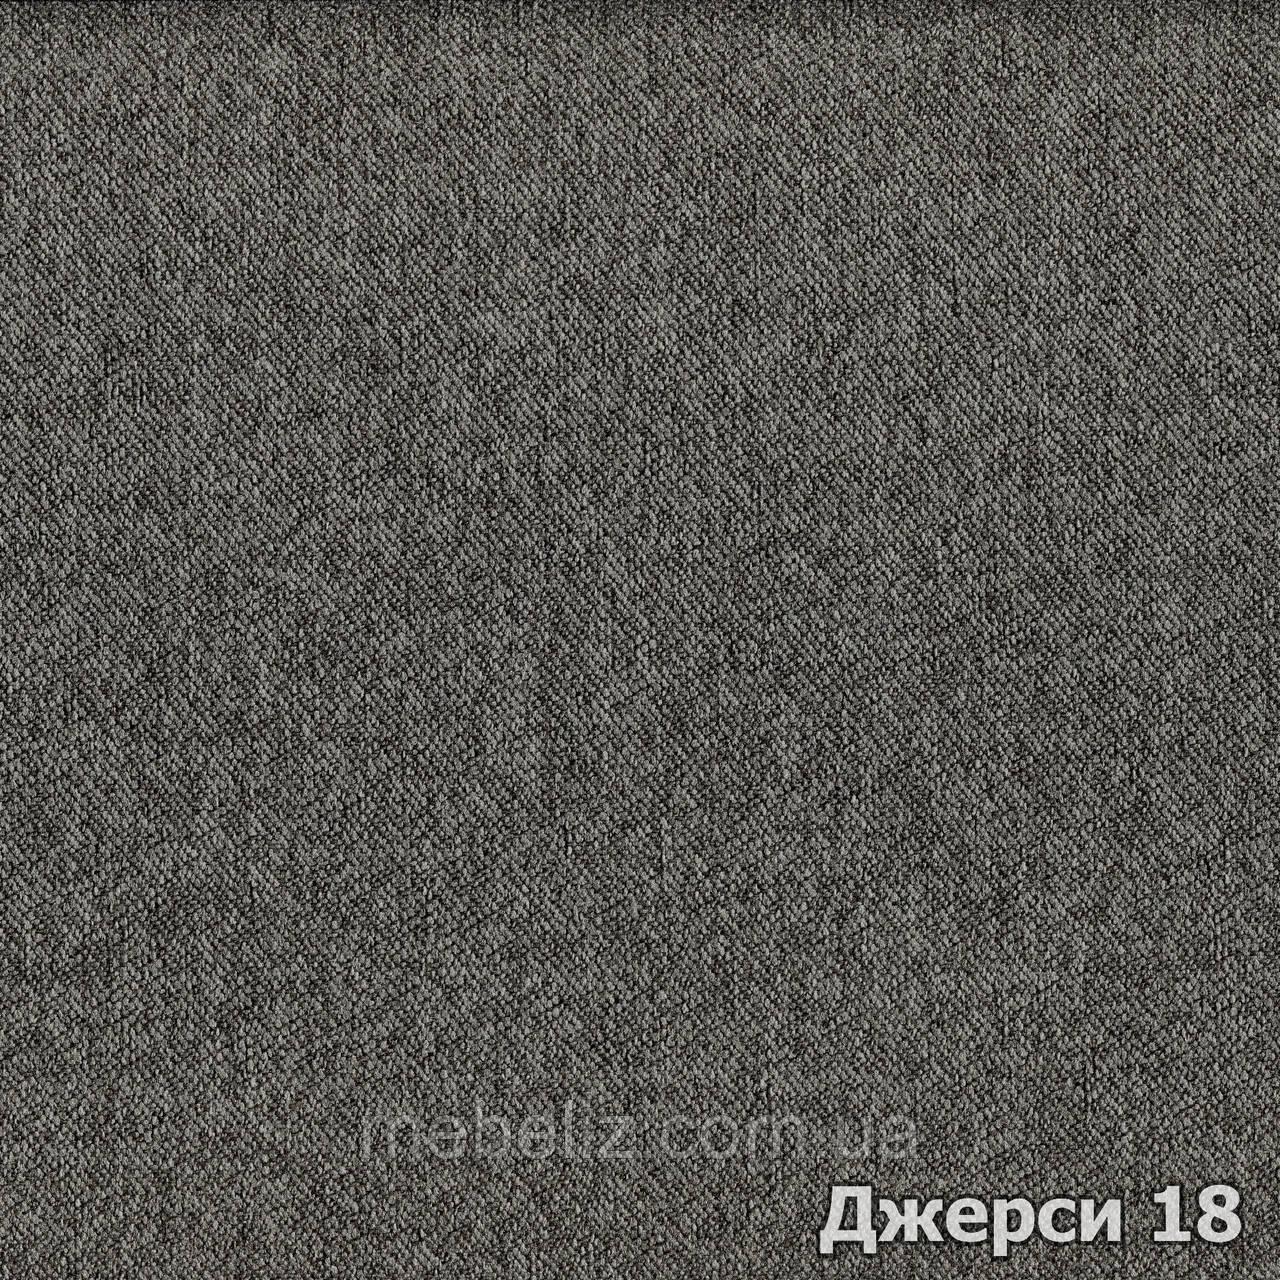 Ткань мебельная обивочная Джерси 18